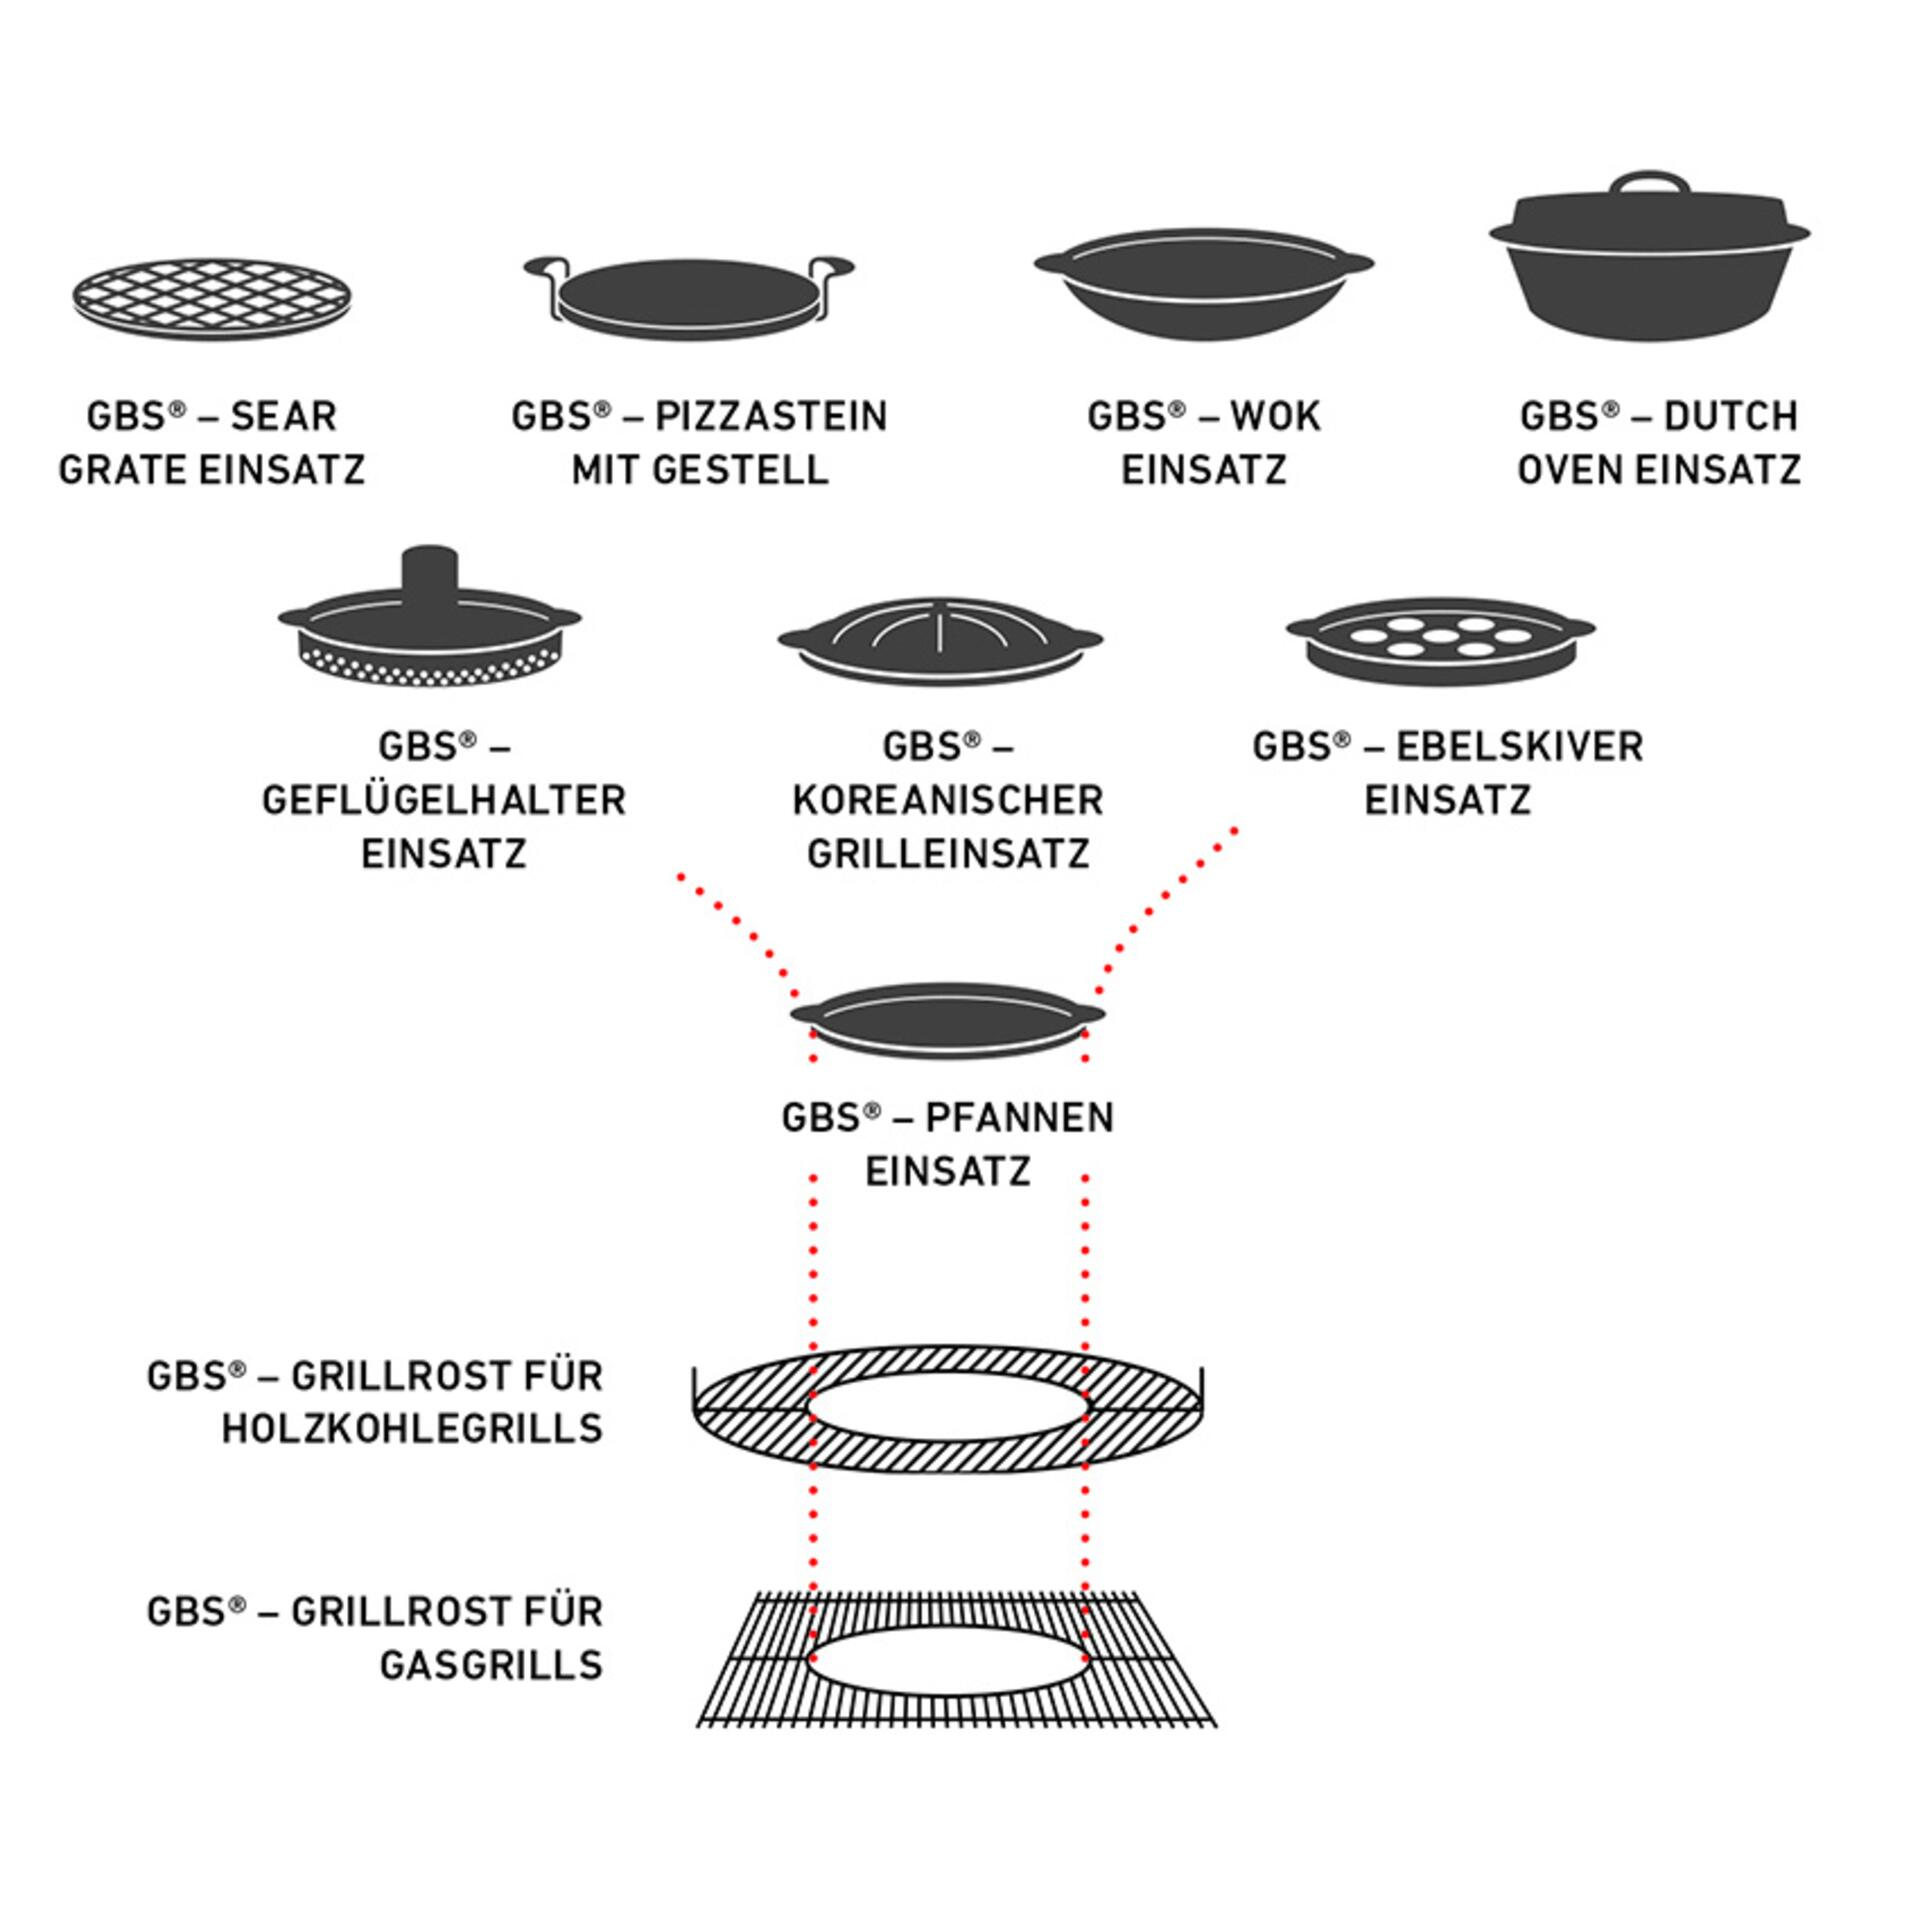 Weber Wok Einsatz - Gourmet BBQ System, Inklusive Deckel und Dünsteinsatz 8856